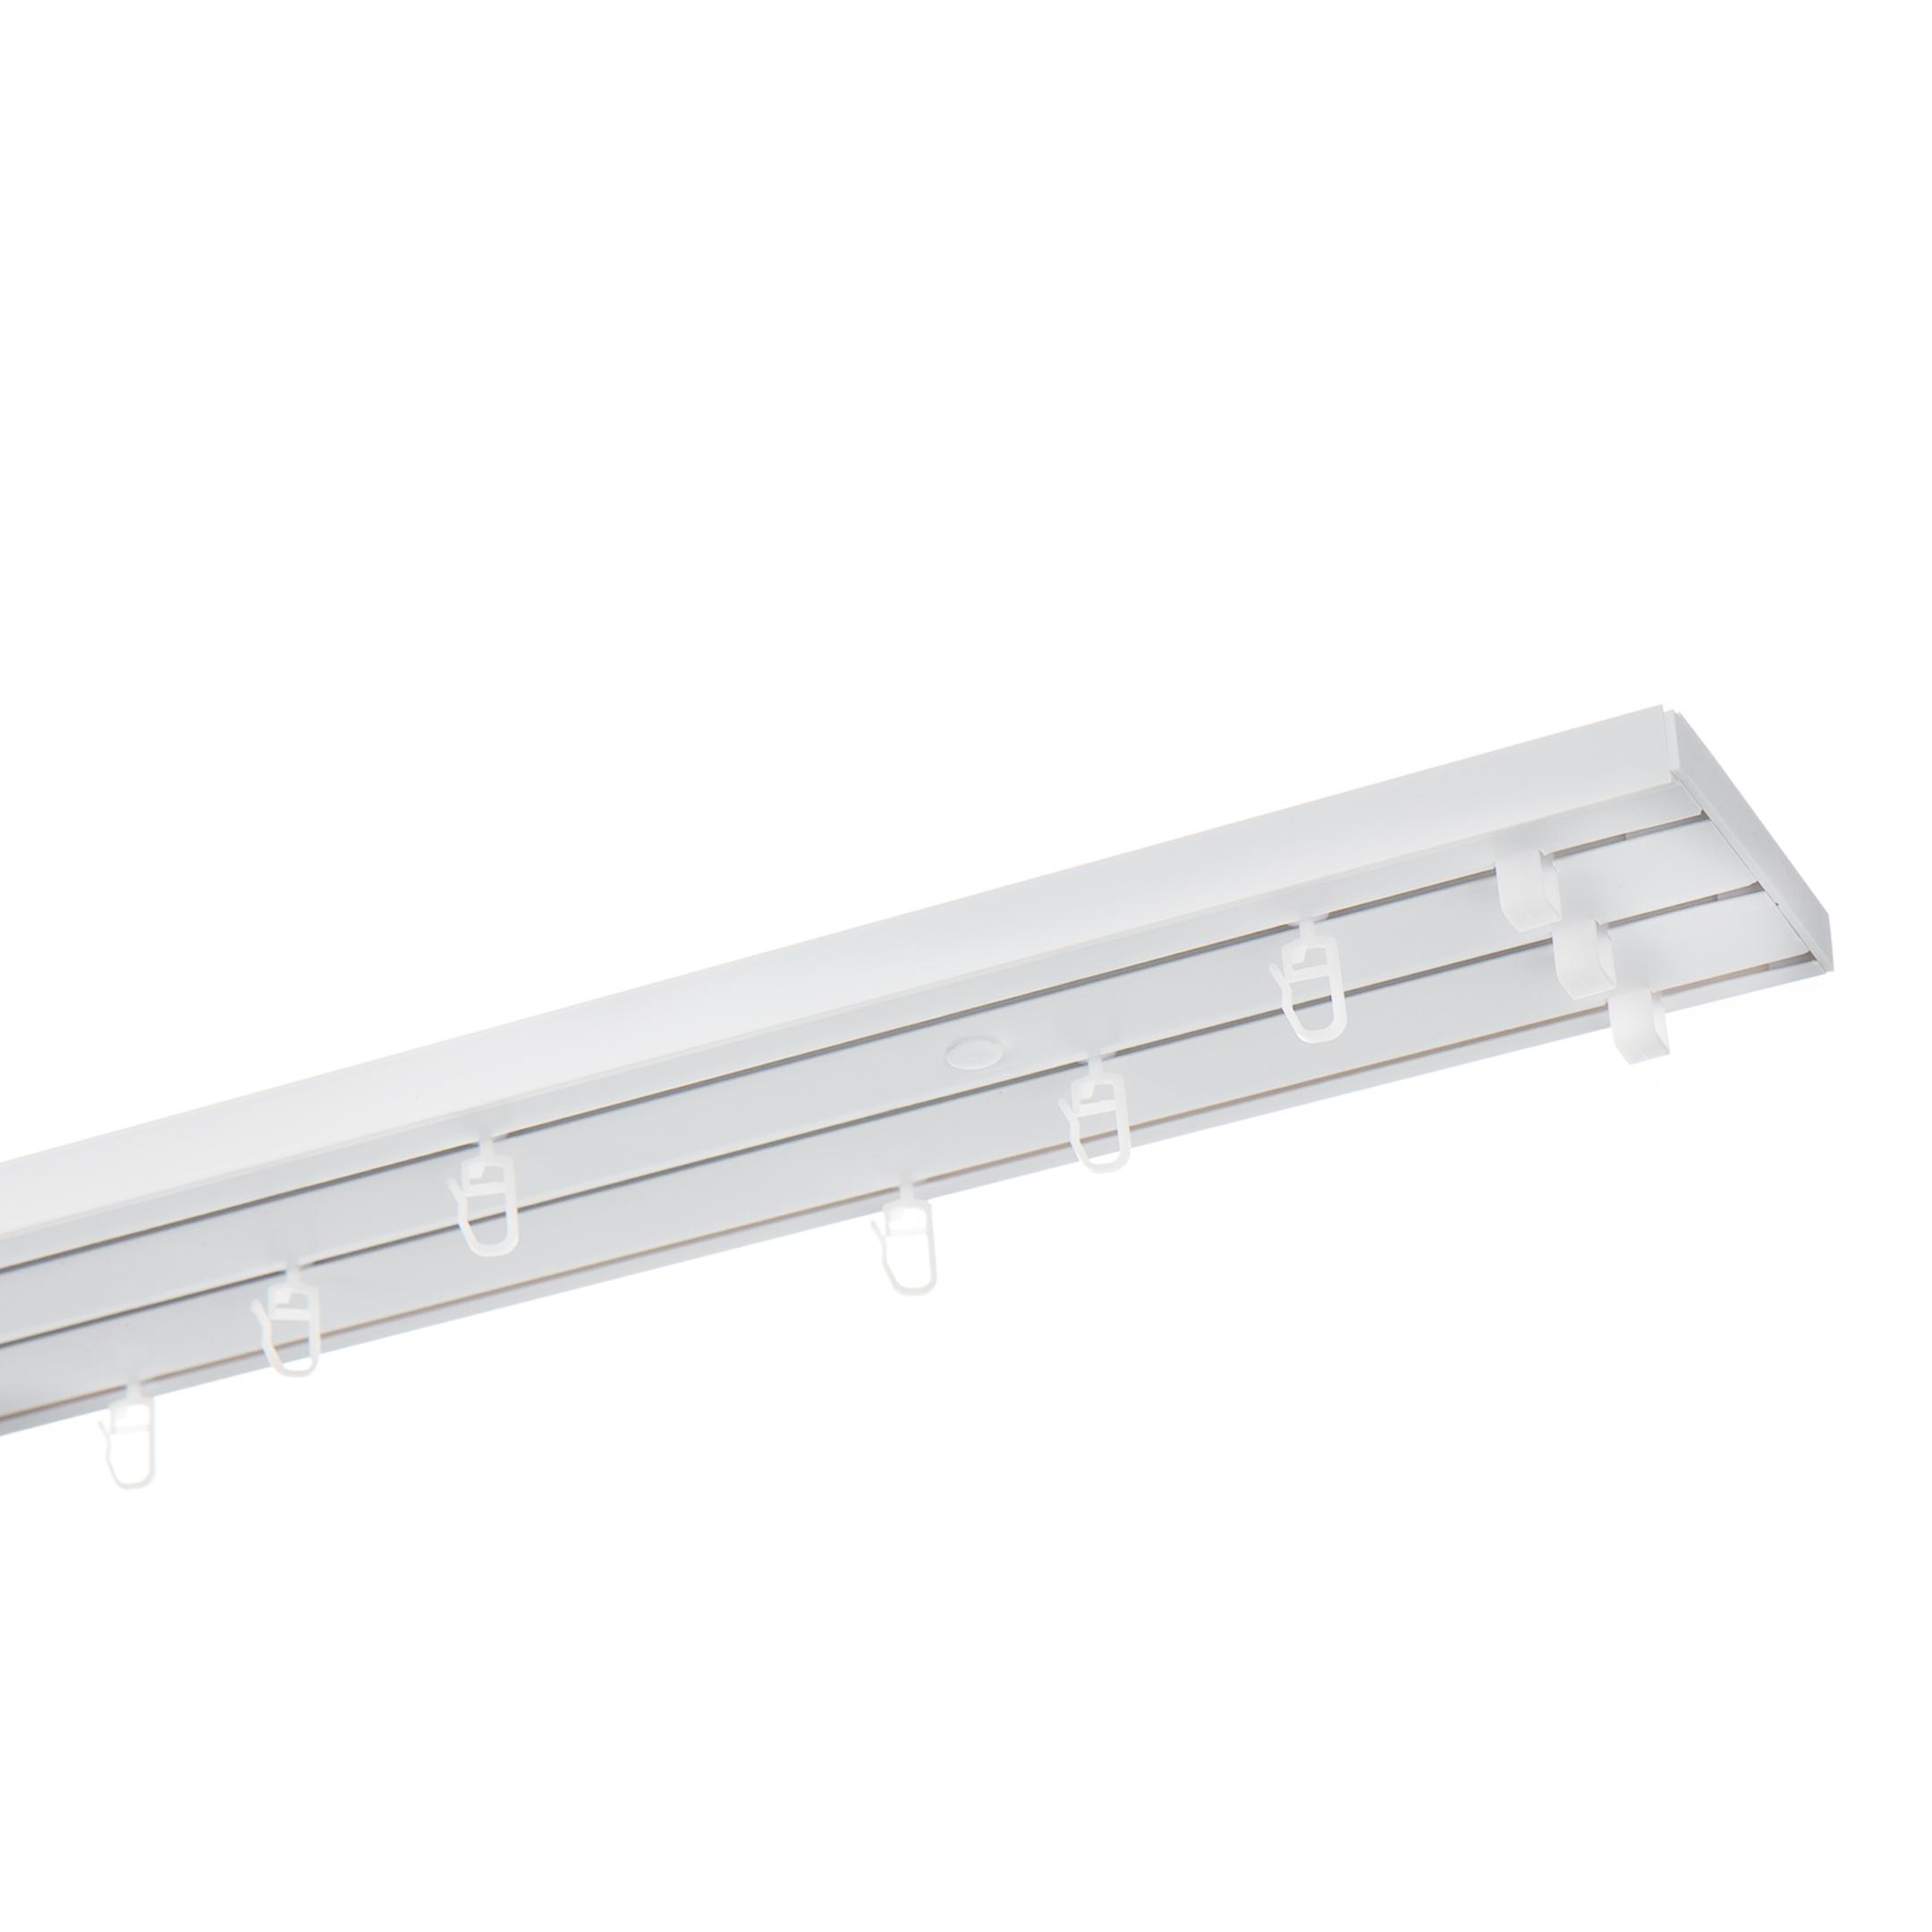 Фото - Карниз потолочный пластмассовый трехрядный 160 см белый карниз потолочный пластиковый dda поворот греция трехрядный краке 3 6